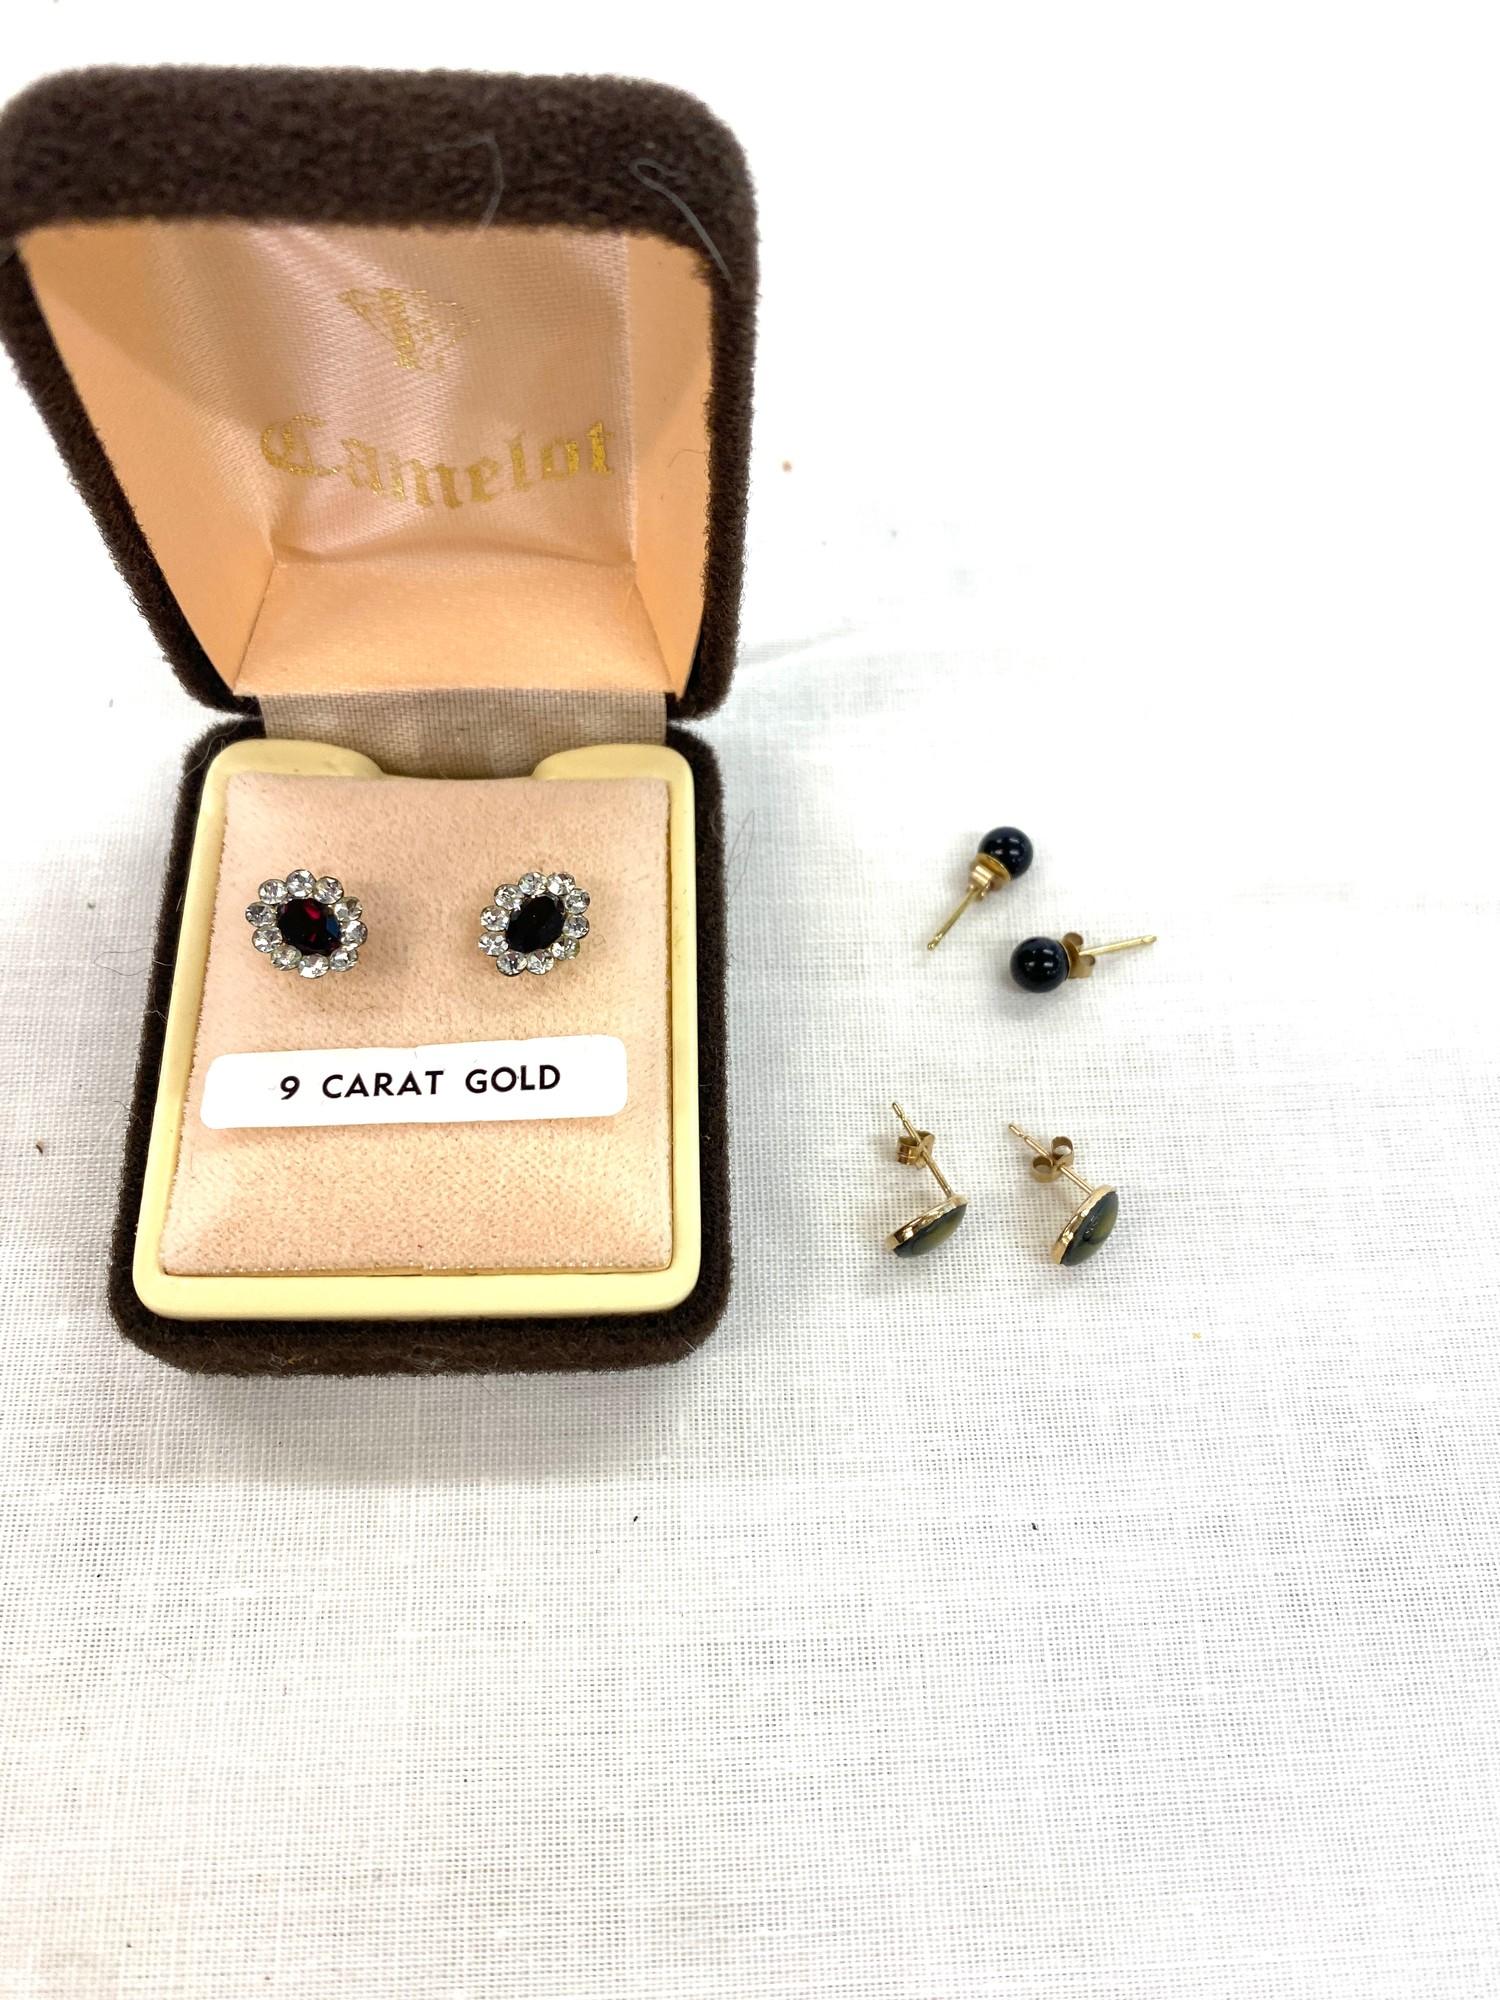 3 Pairs of 9ct earrings